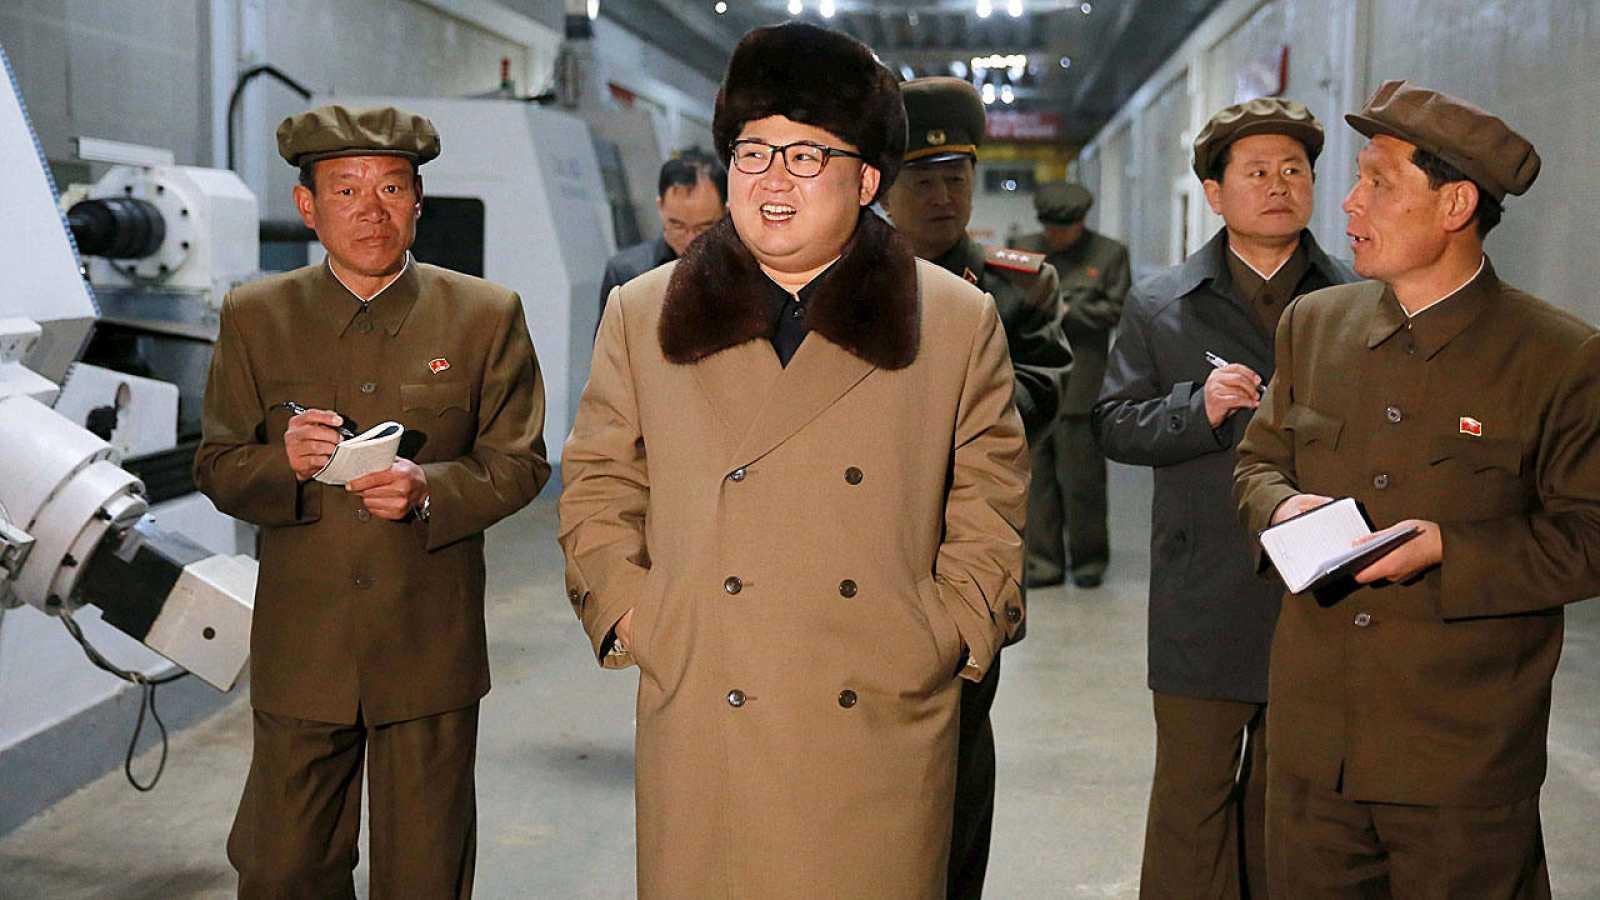 El líder norcoreano, Kim Jong Un, durante una visita a la planta de Tonghungsan, junto a su séquito.